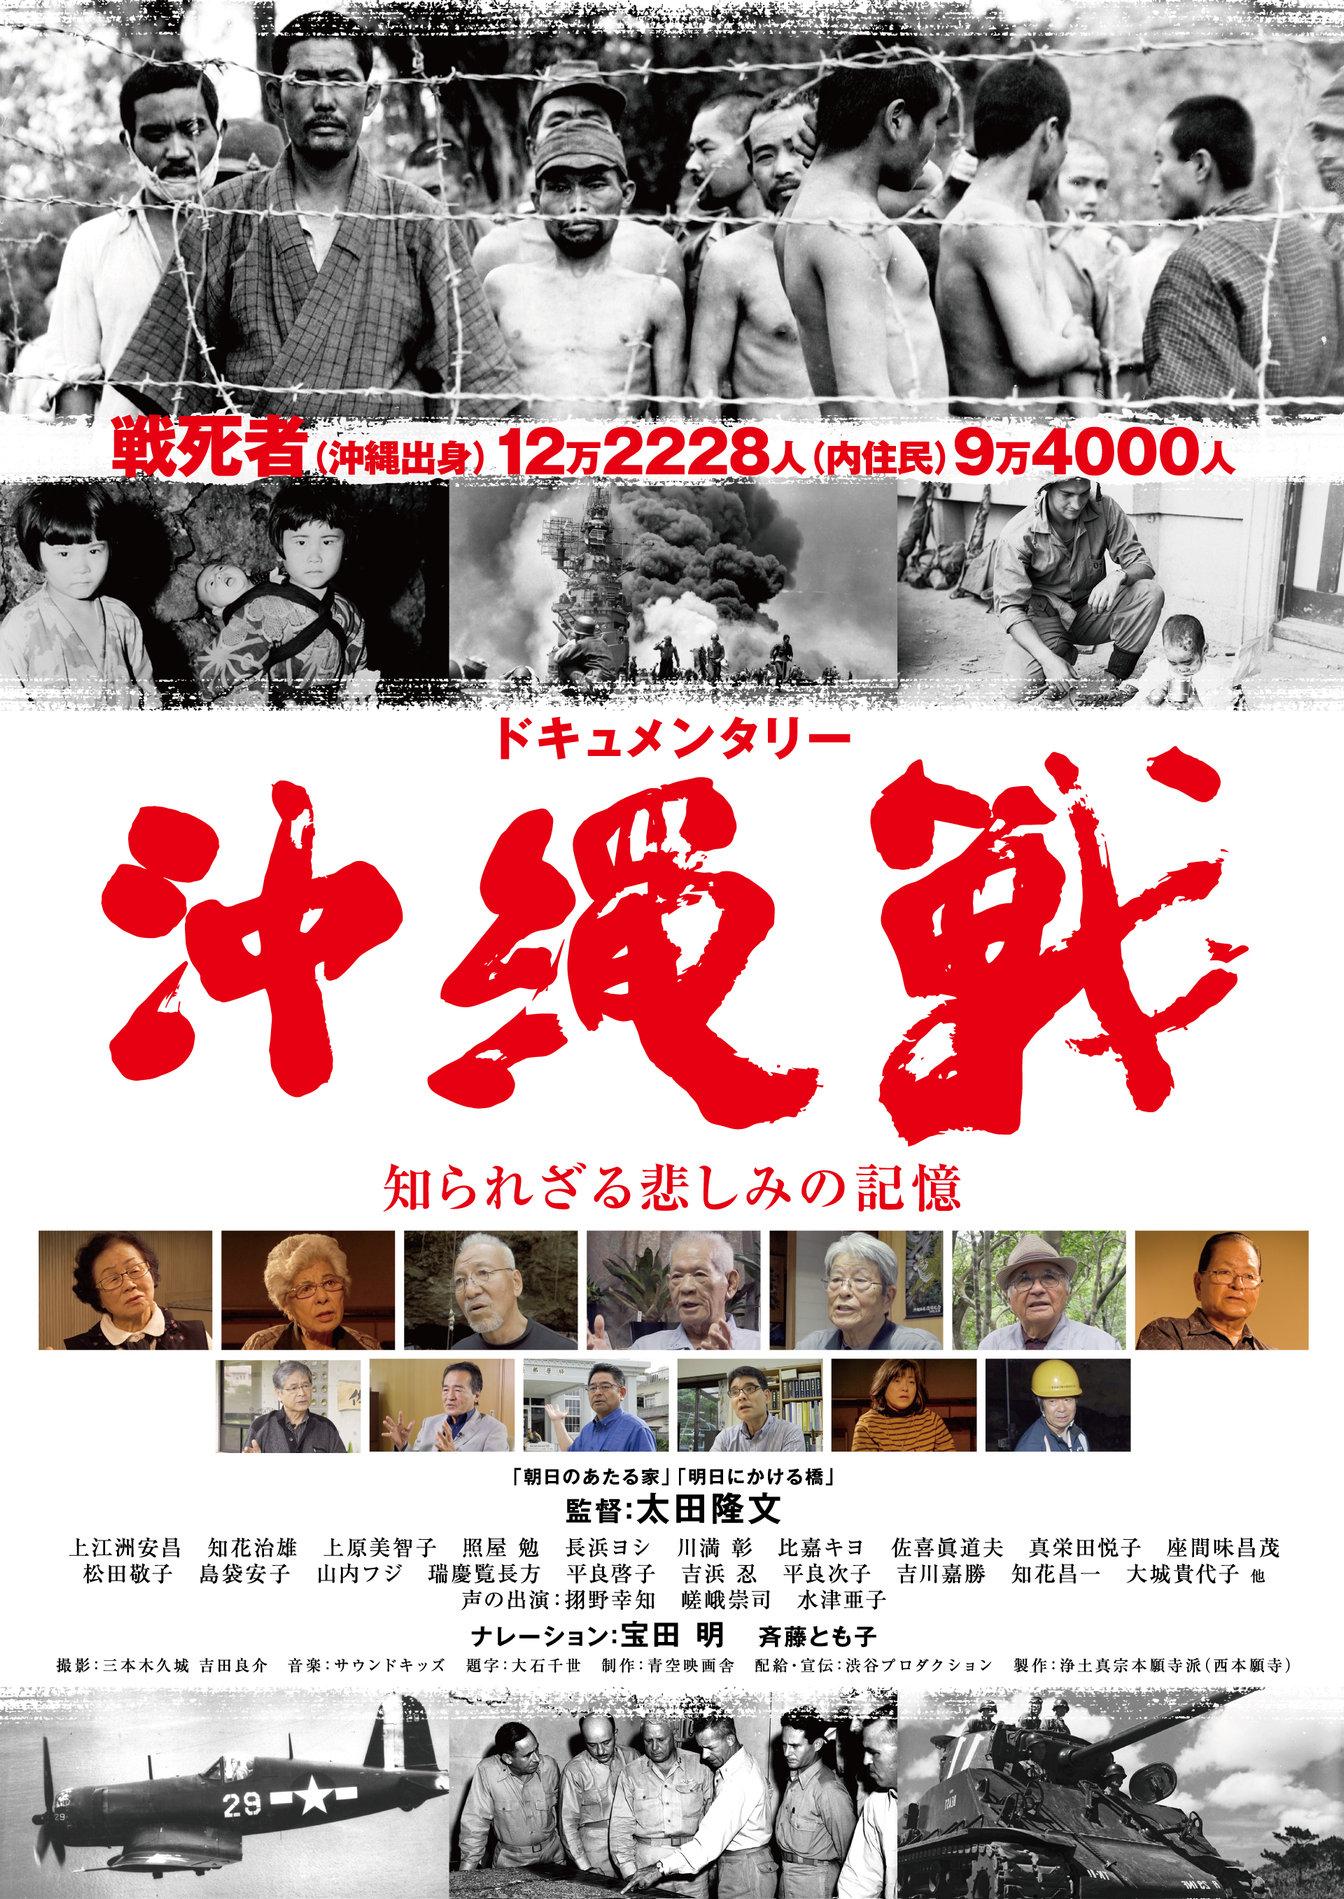 ドキュメント沖縄戦ー知られざる悲しみの記憶a[1]